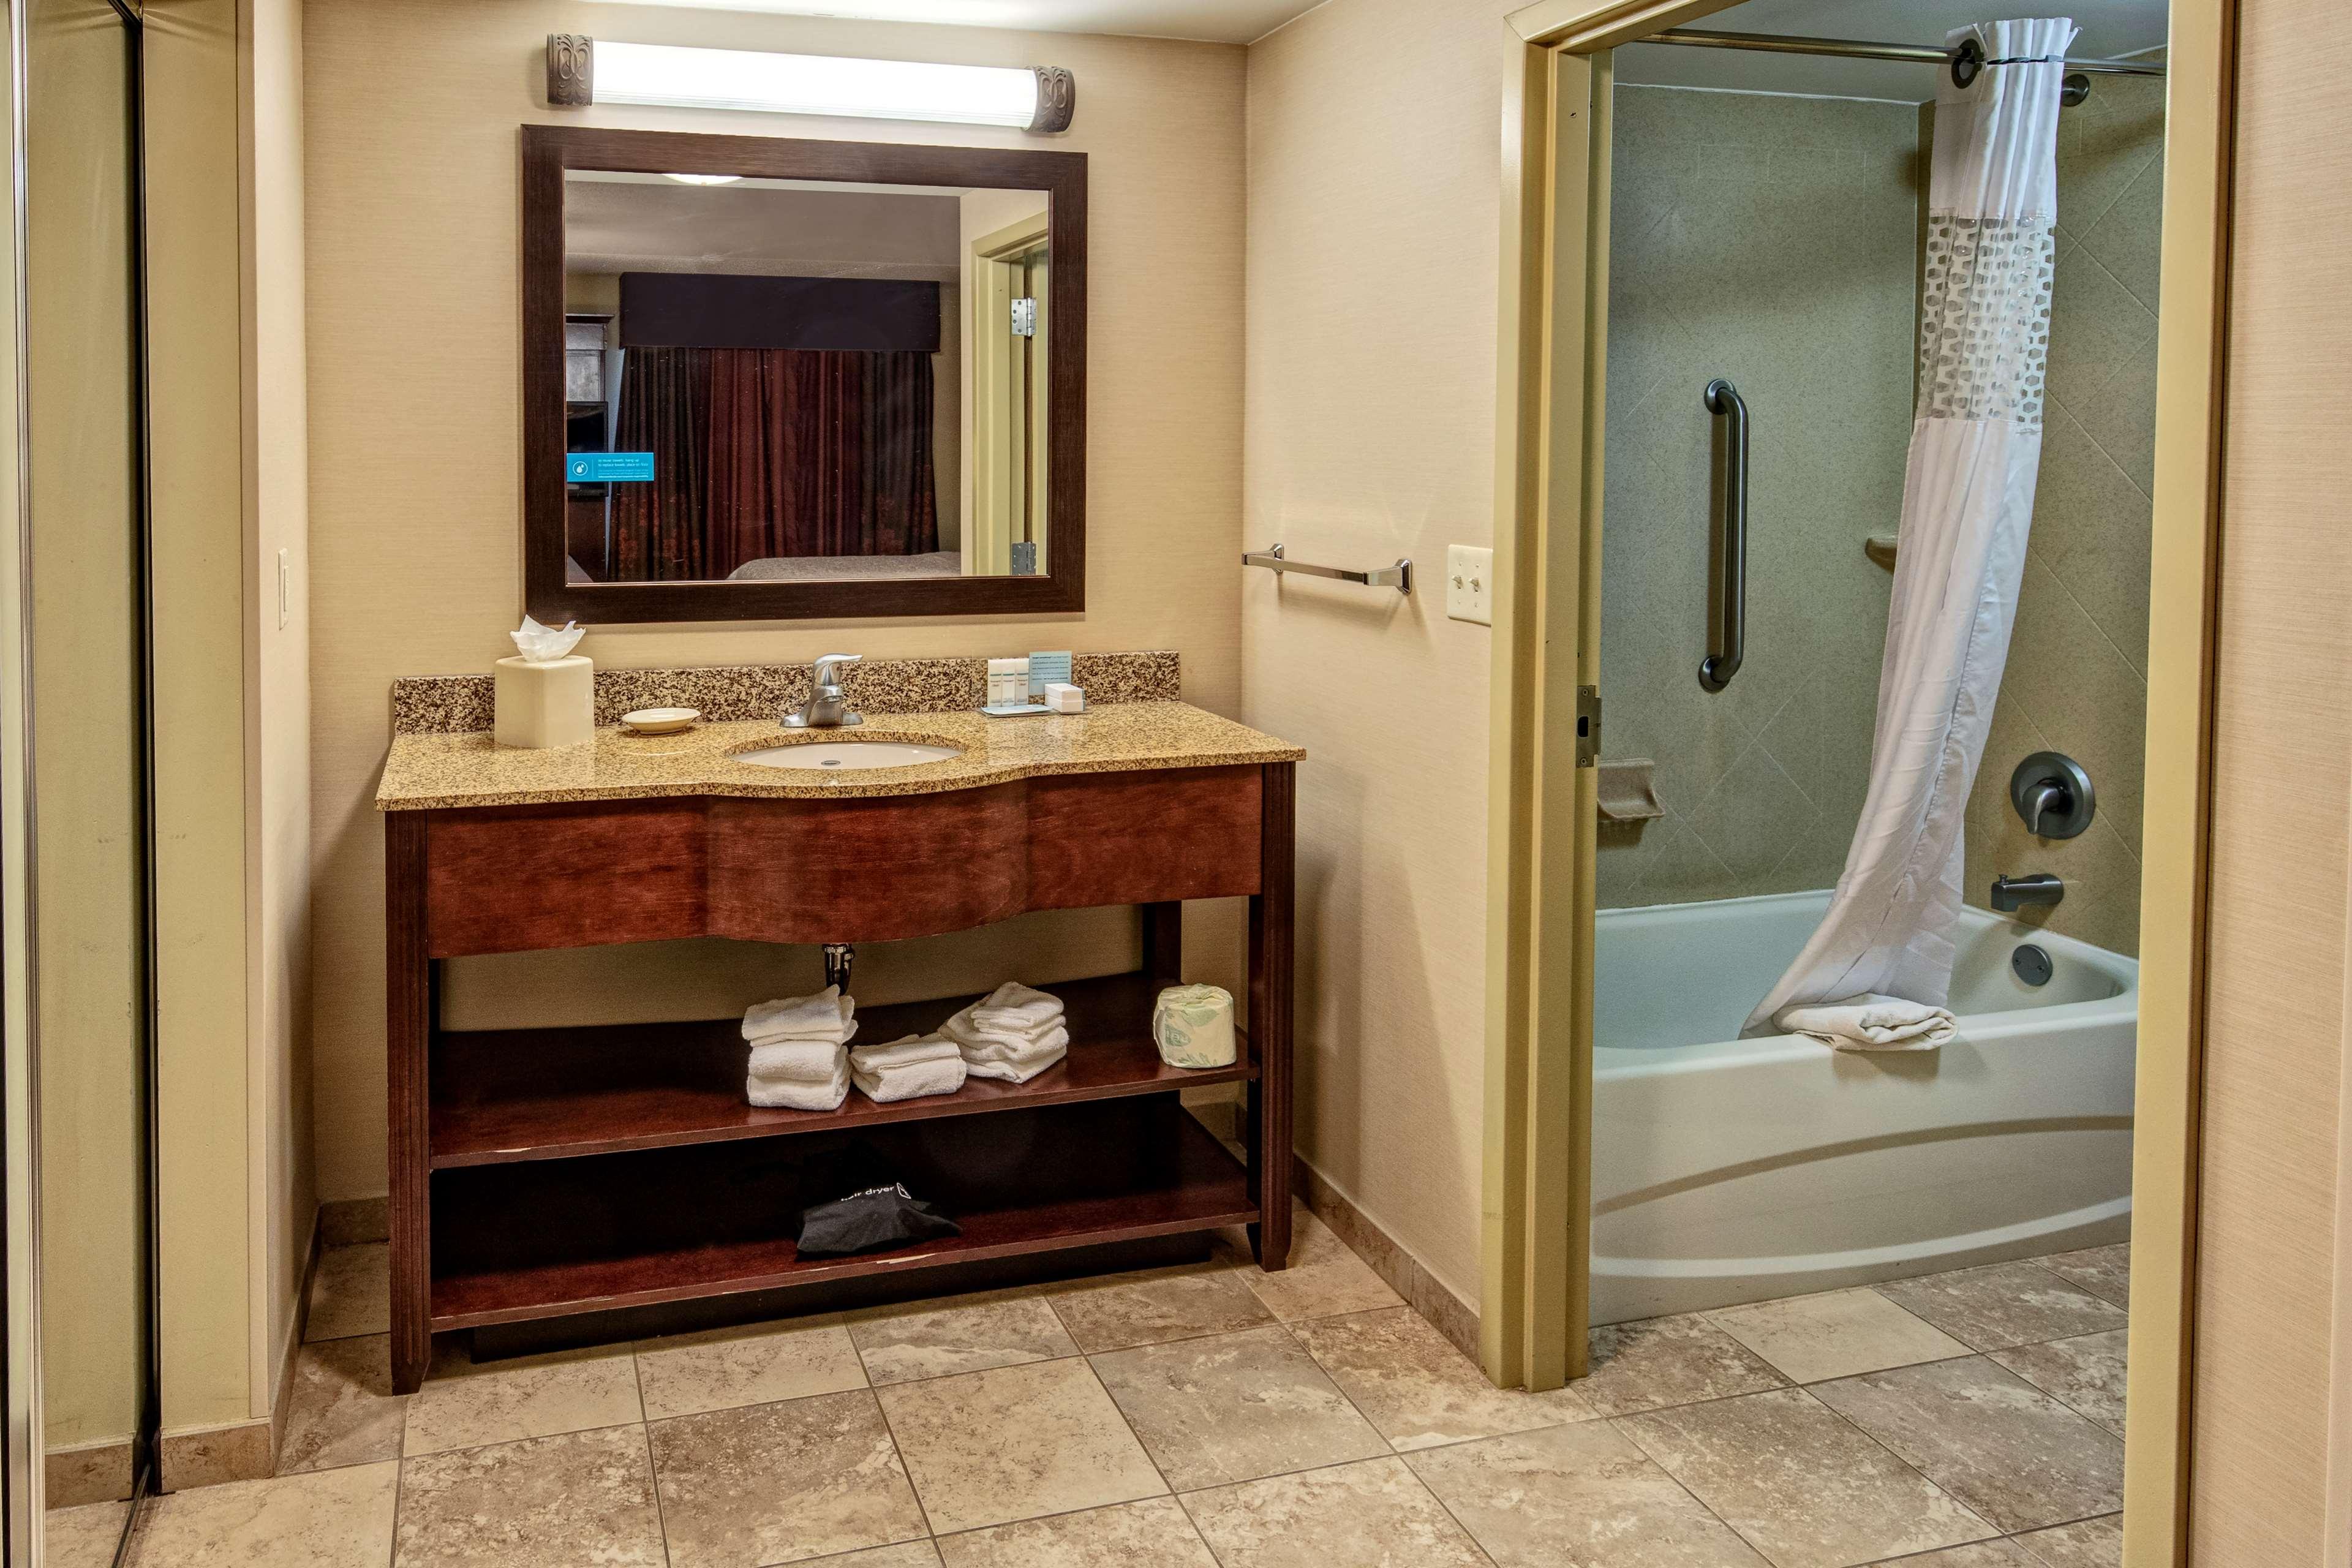 Hampton Inn Suites Minneapolis St Paul Arpt-Mall of America image 12